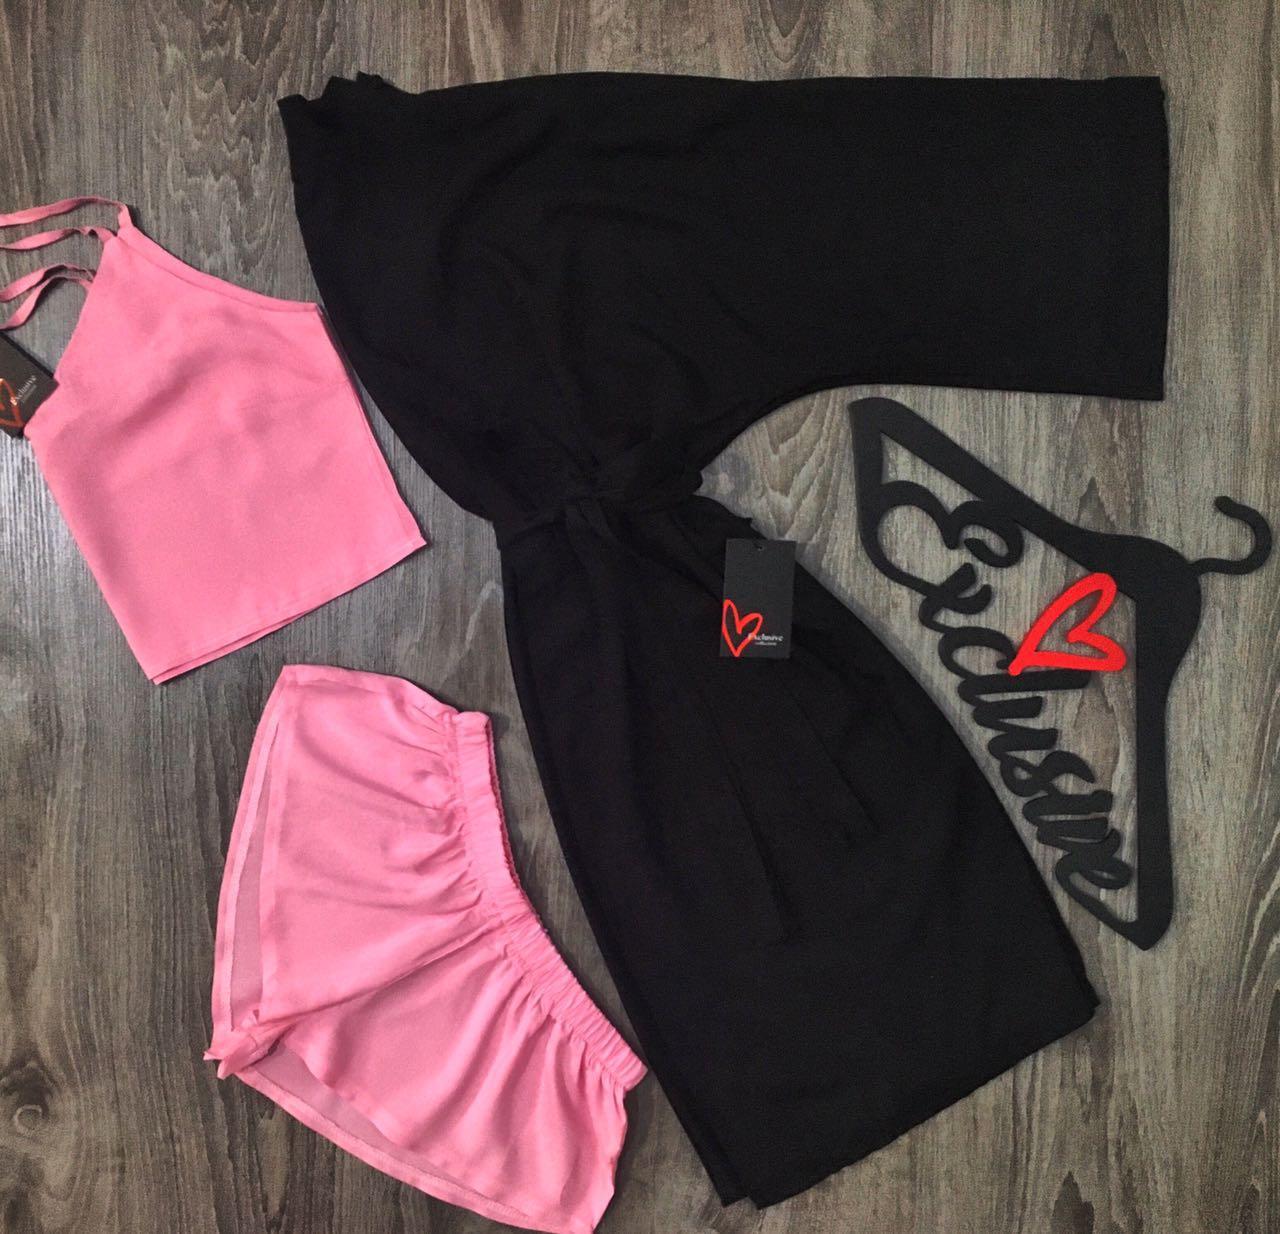 Женский комплект халат+топ+шорты, одежда для дома.